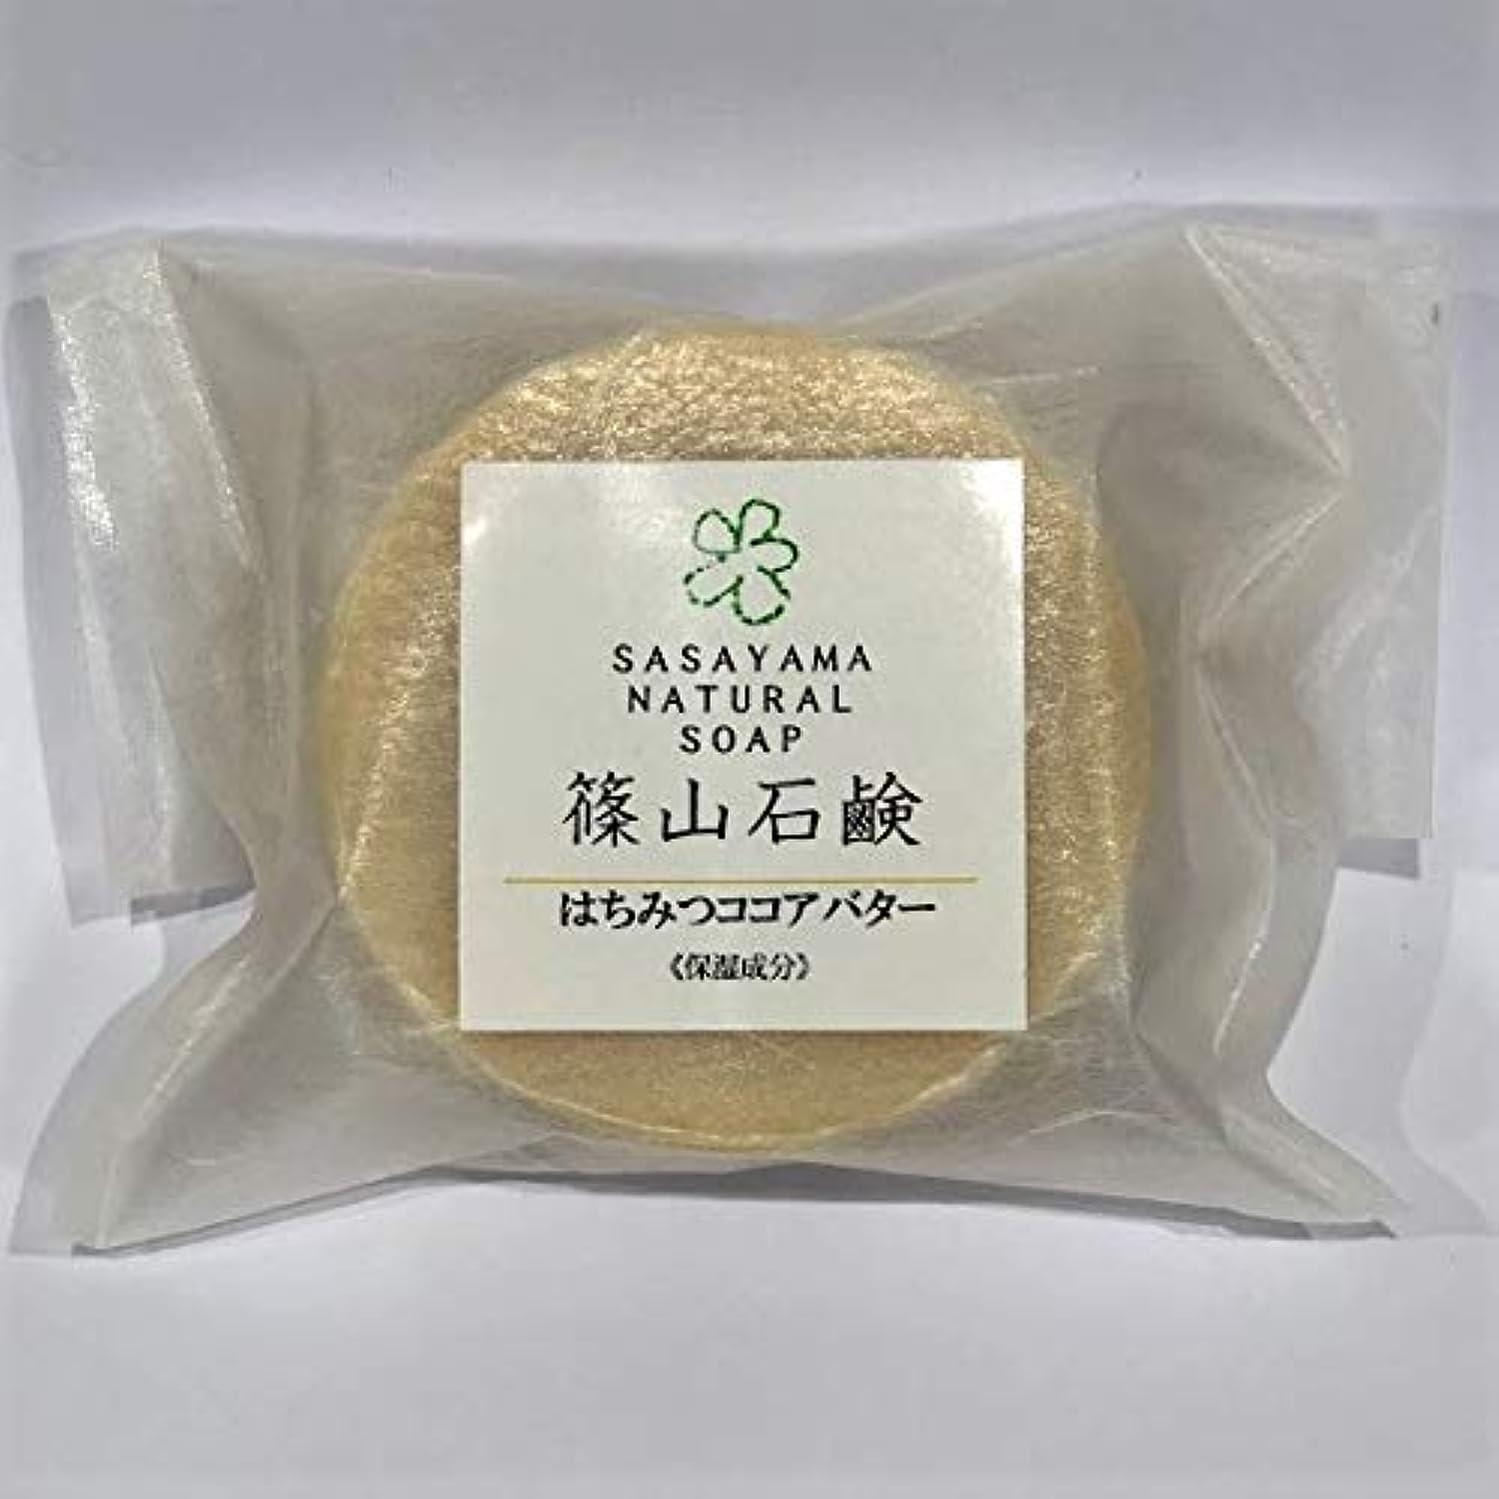 集団的私たち自身ホット篠山石鹸 はちみつココアバター (3個)